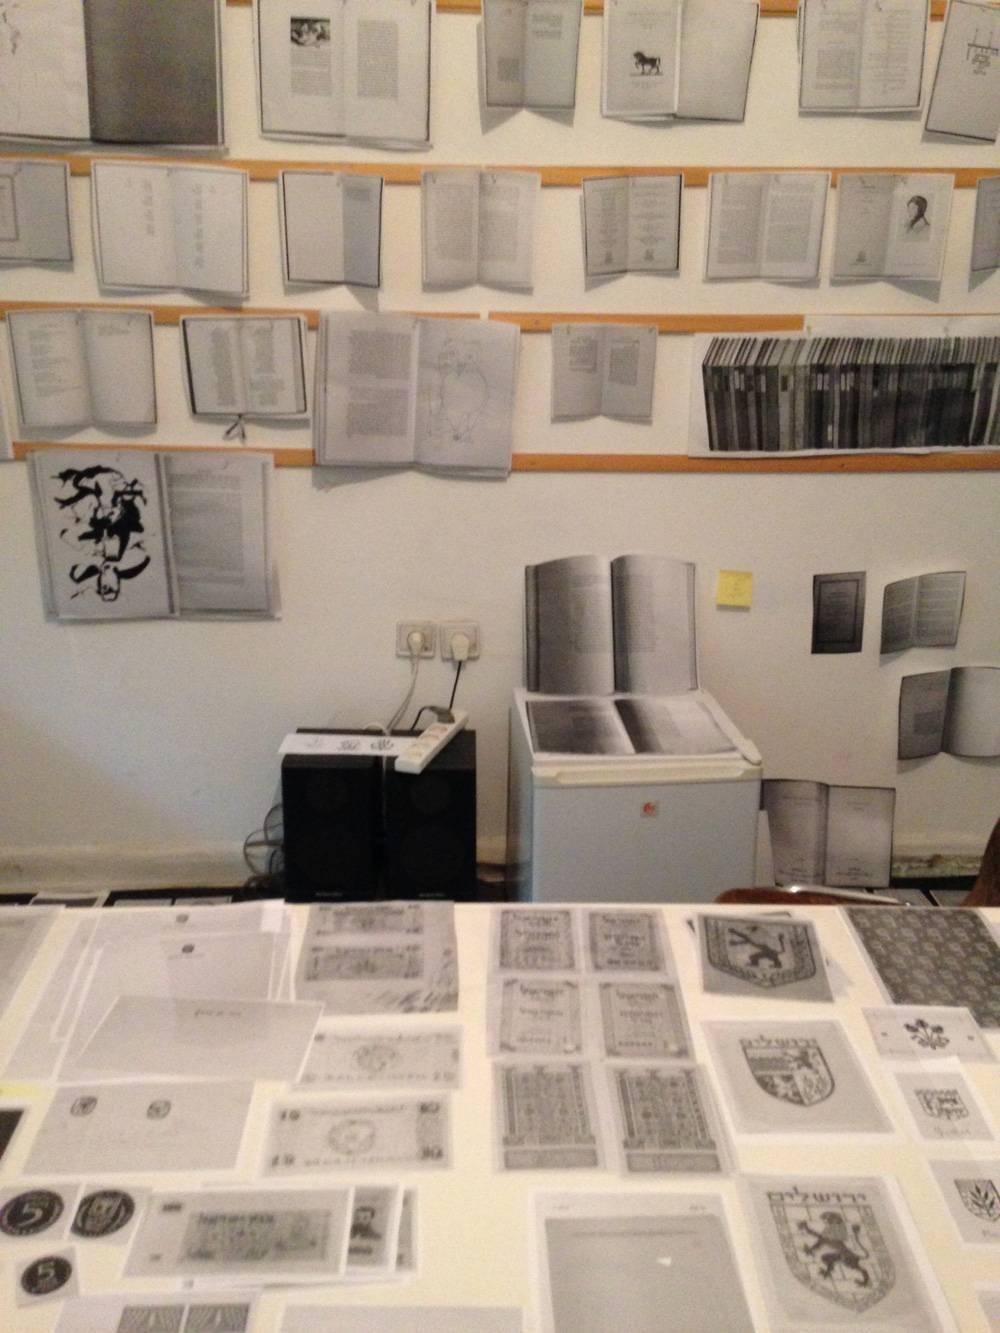 אצלי בסטודיו - חלק מהמיון כלל הדפסת כל החומר בשחור לבן בגודל אחד לאחד2